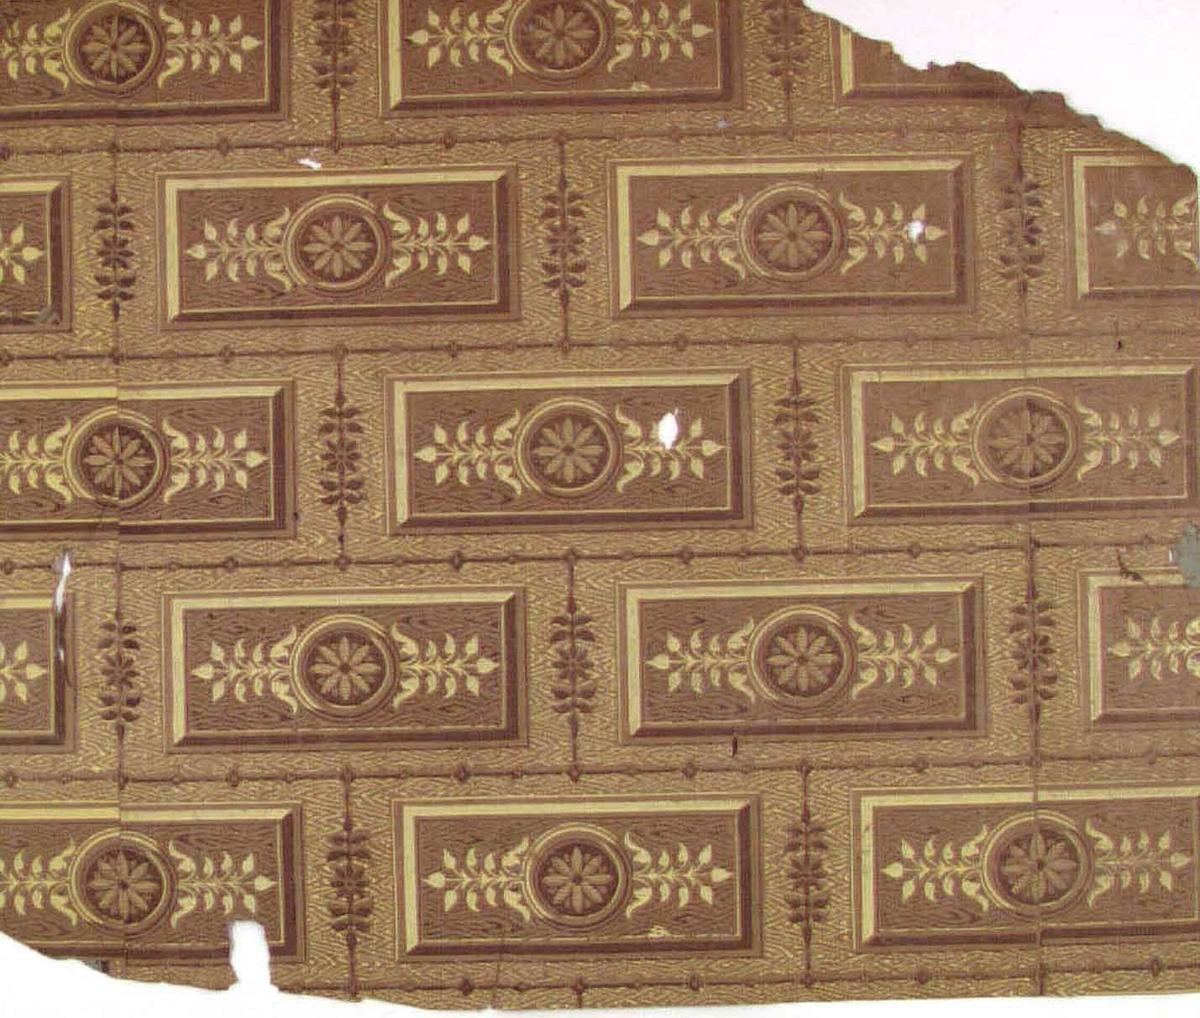 Träimiterande mönster med blomdekorerade rutor lagda som tegelstenar. Tryck i citrongult och brunt på ett ljusbrunt genomfärgat papper.